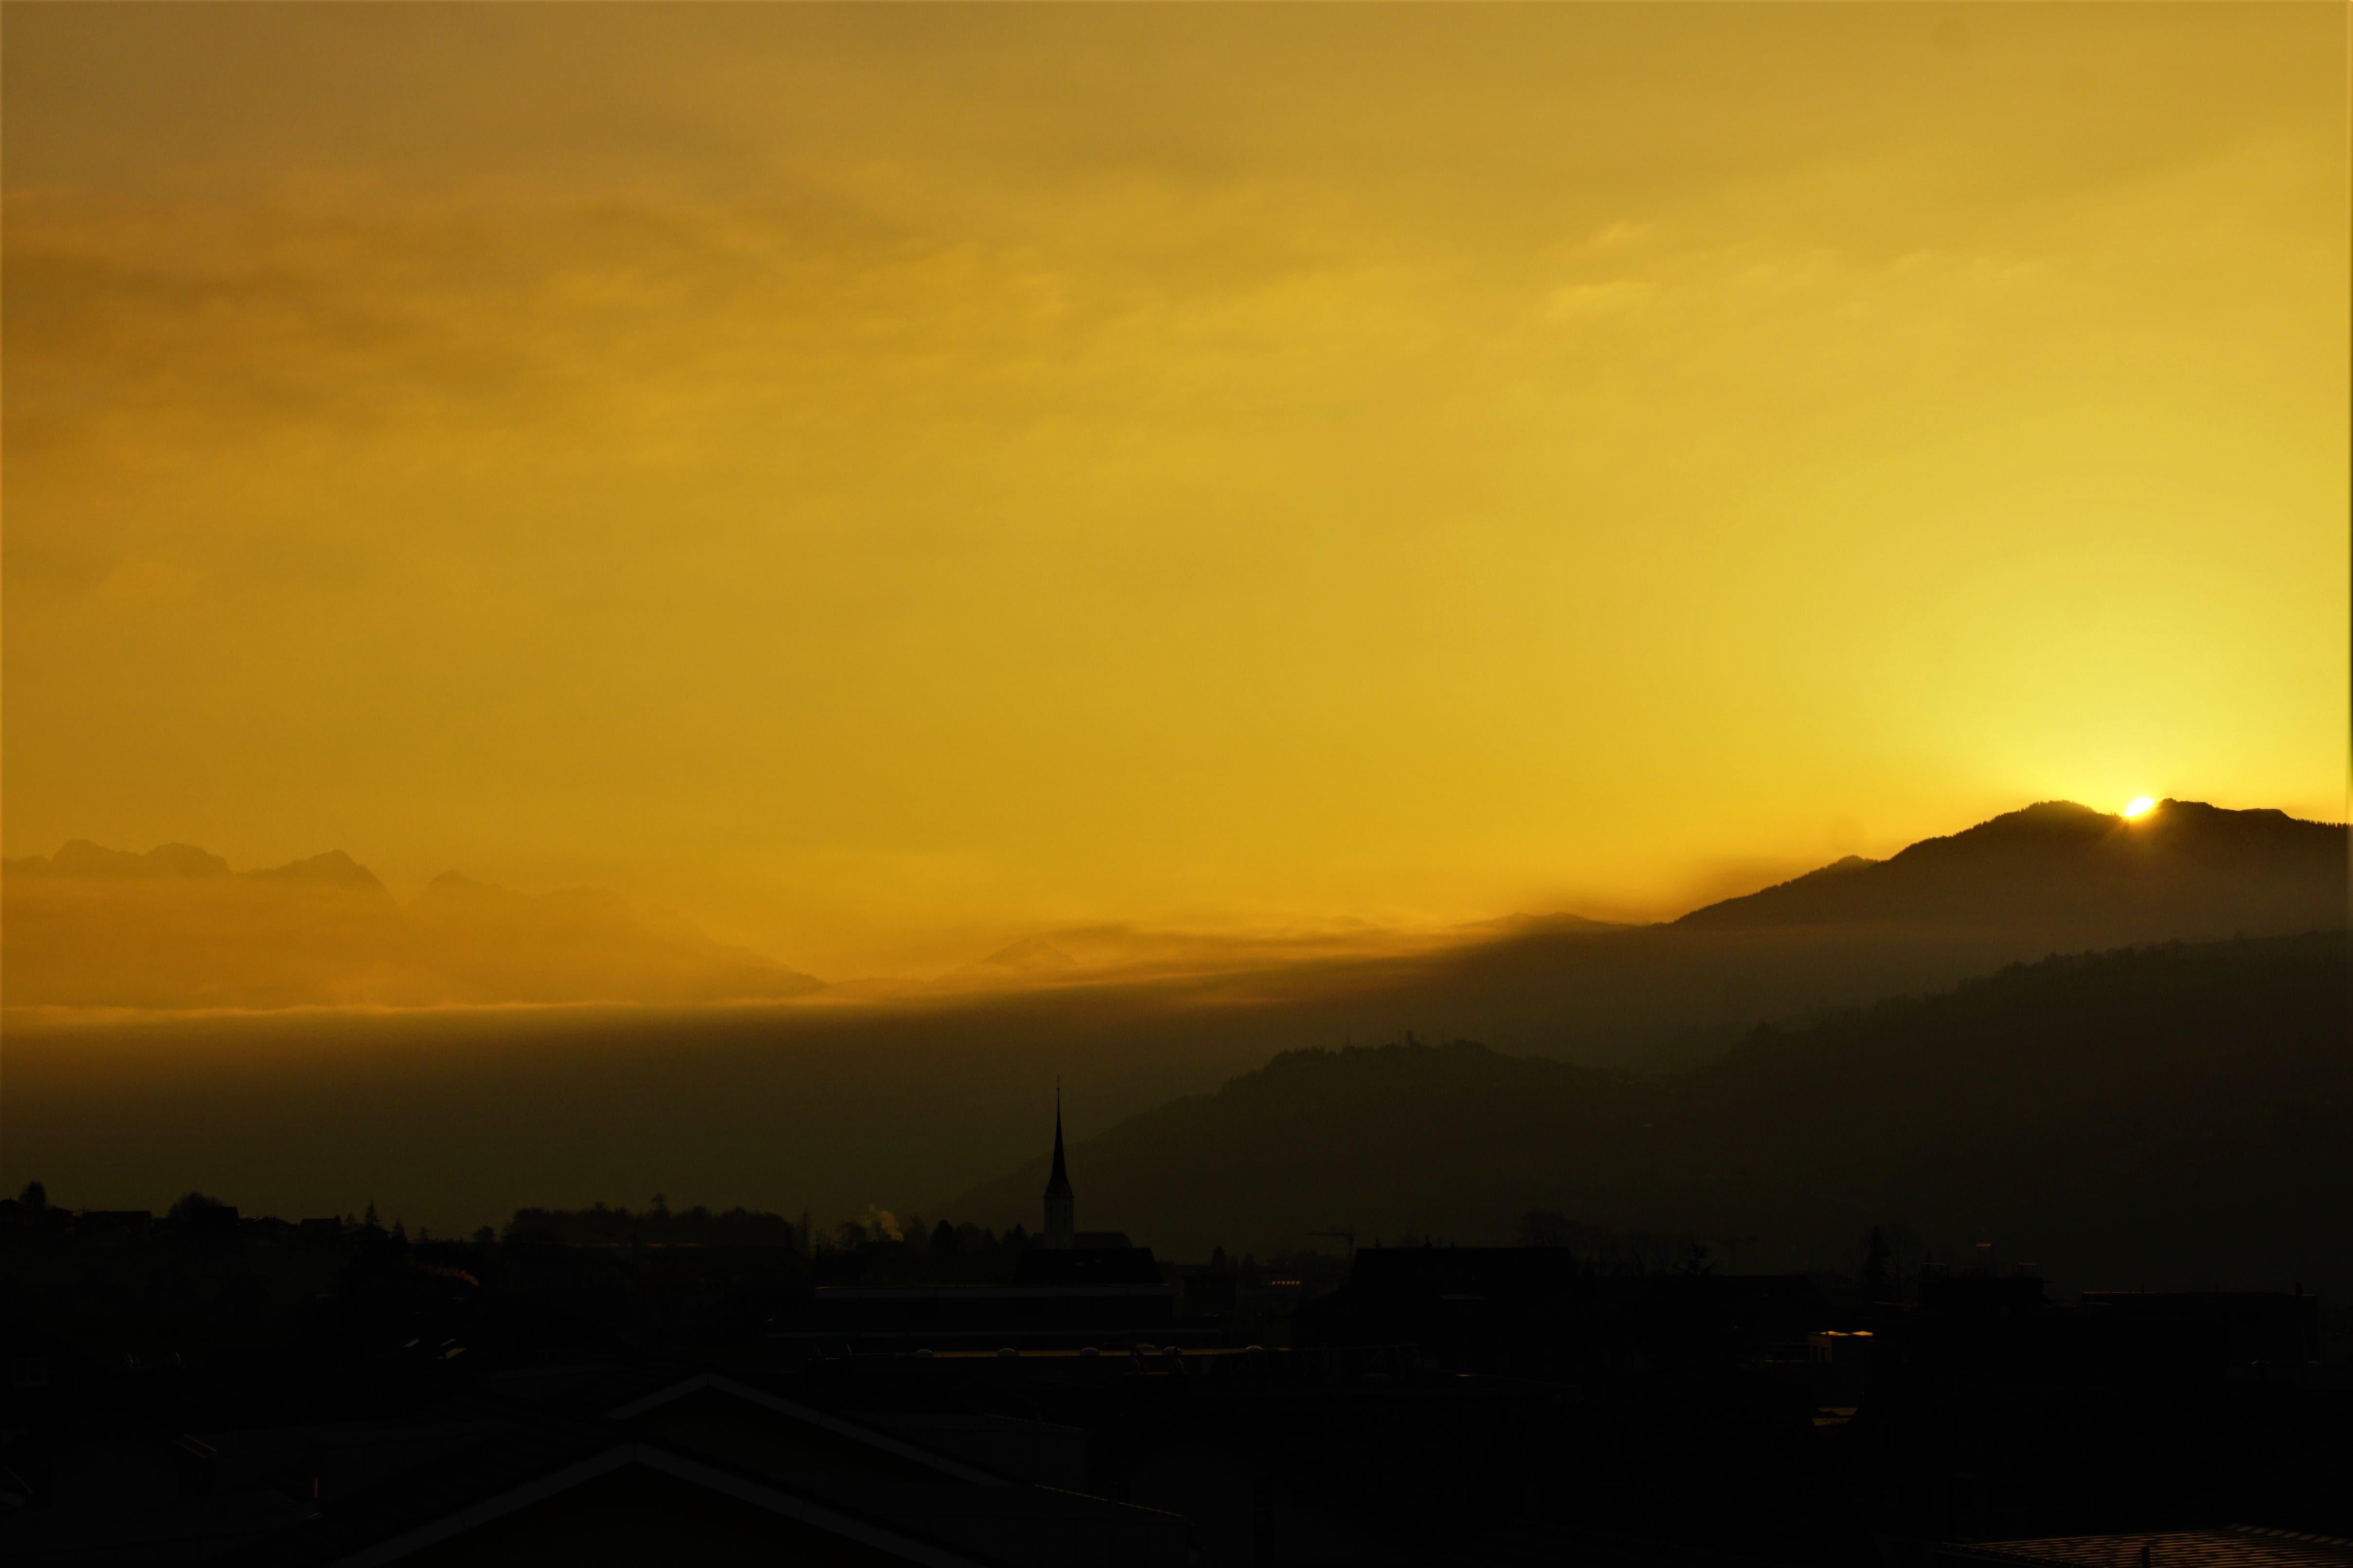 Ein besonders schöner Sonnenuntergang am letzten Tag im Februar.